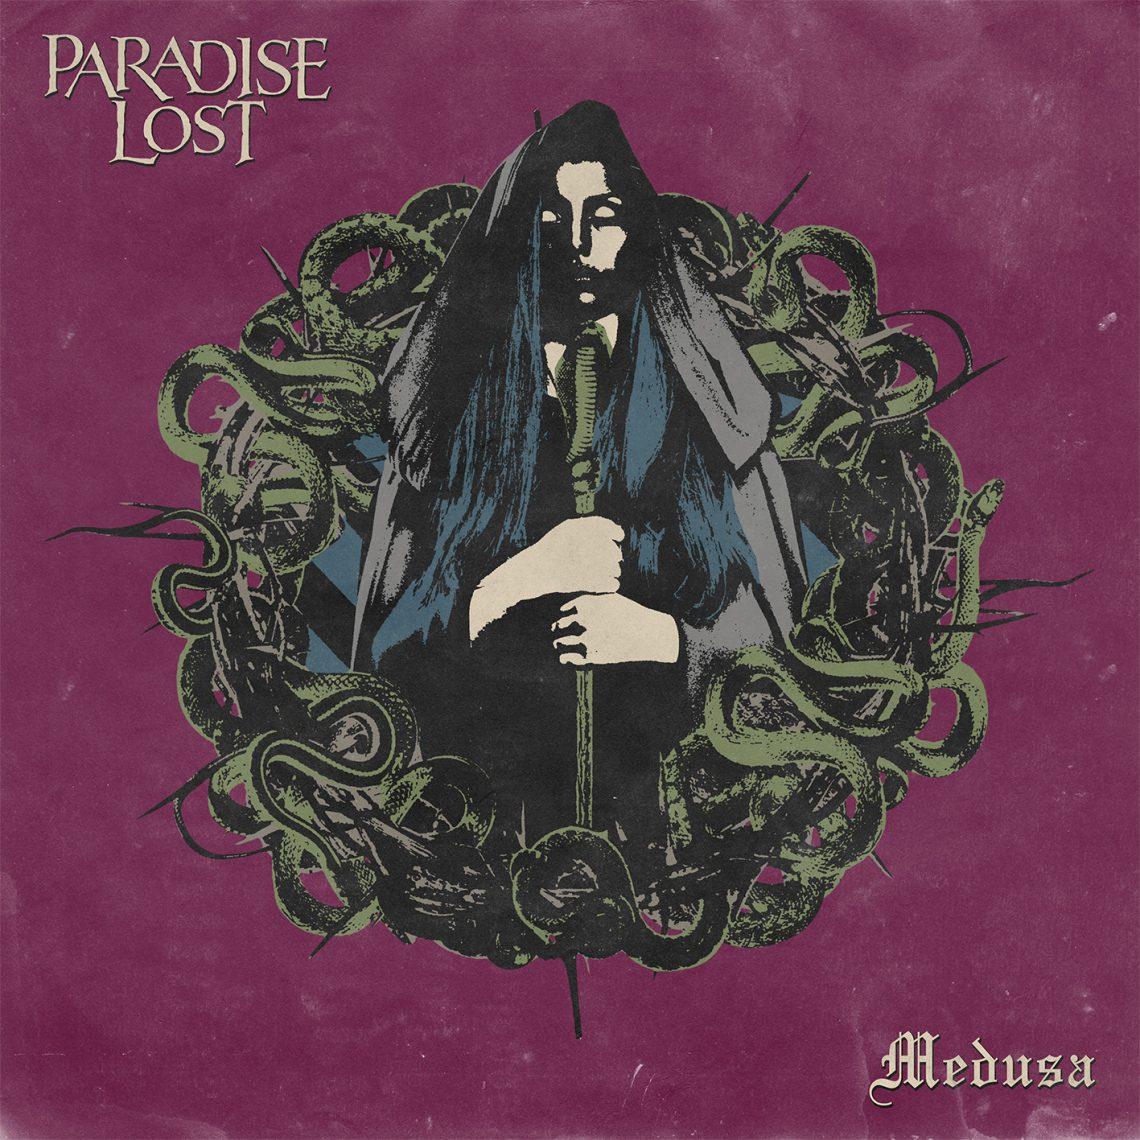 Paradise Lost share 3rd trailer for Medusa